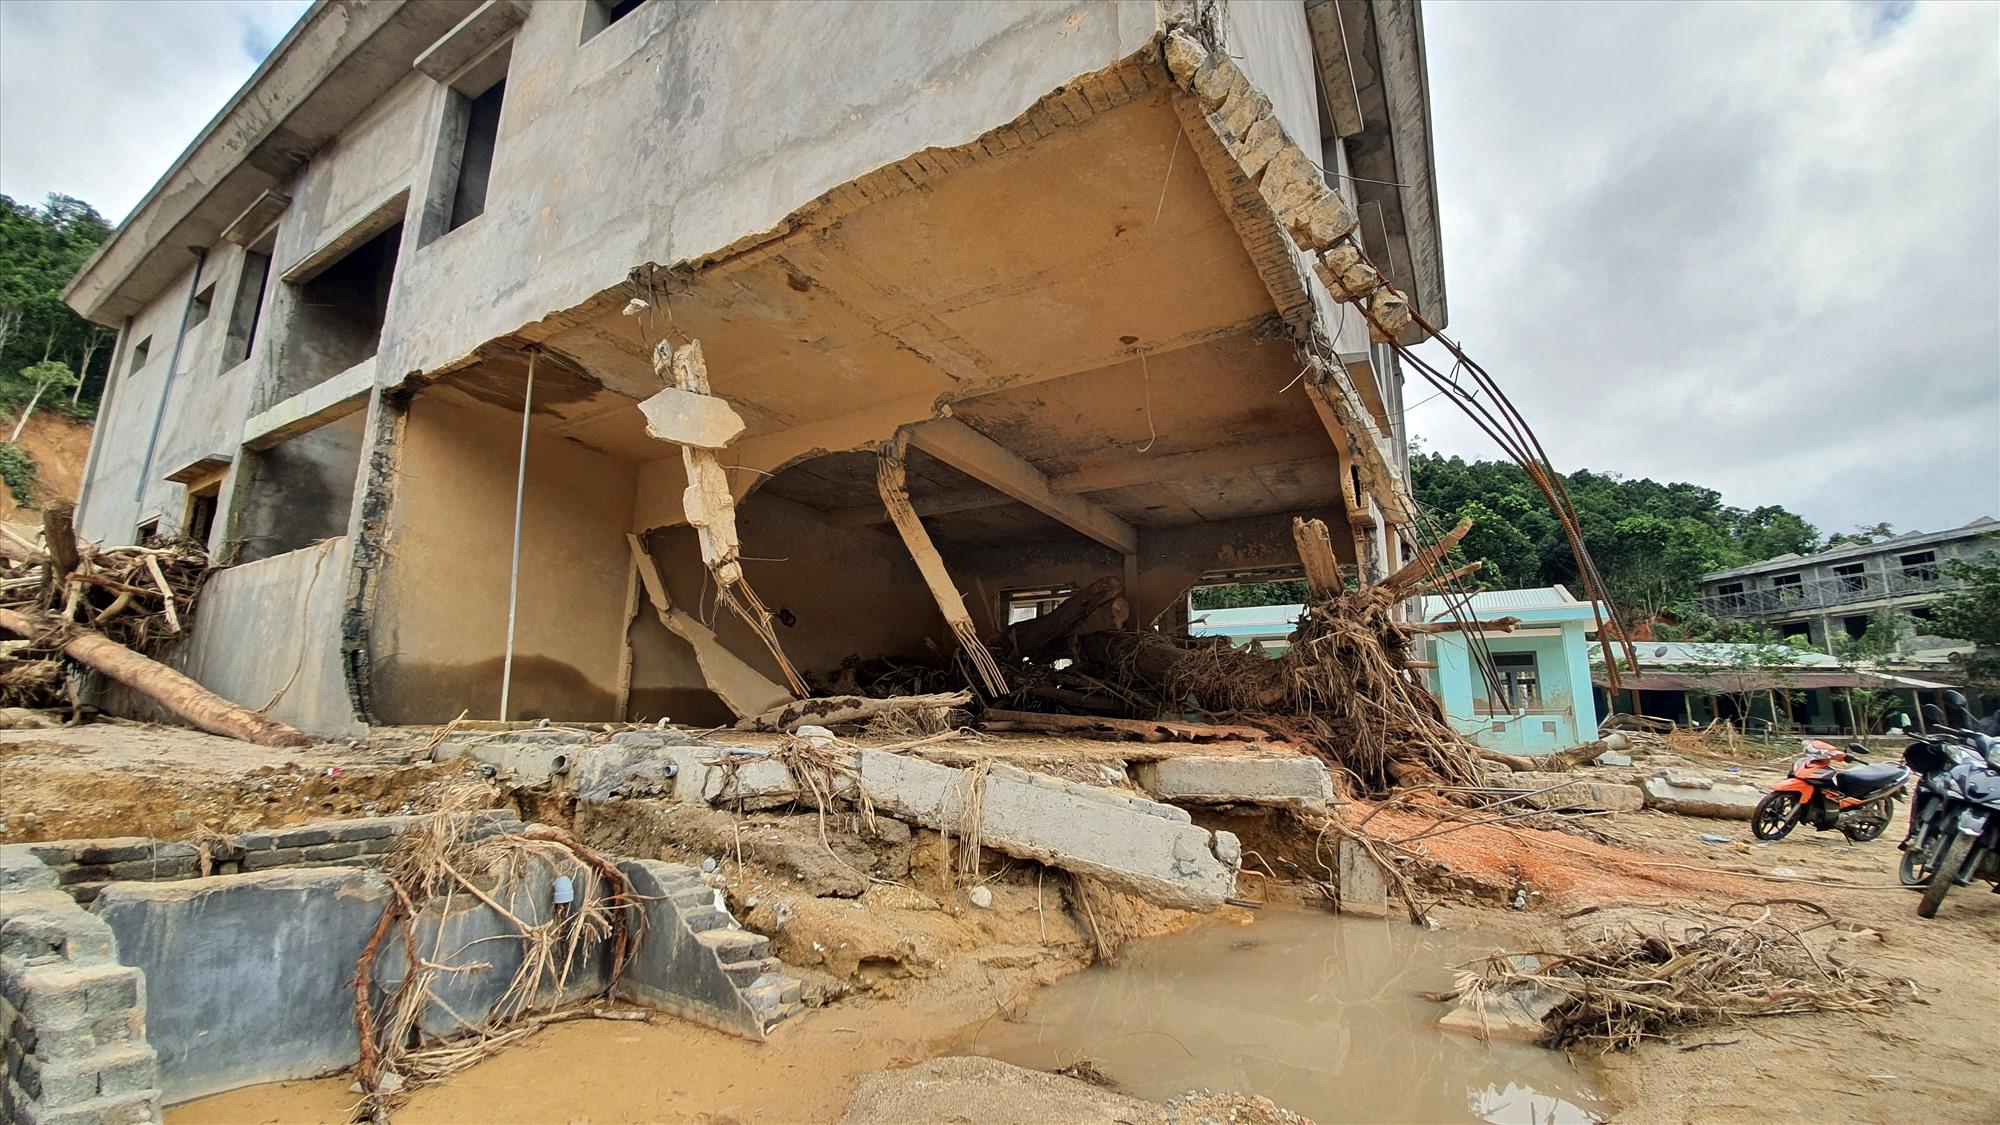 Điểm trường Mầm non liên xã Kim Thành Lộc chưa kịp xây dựng hoàn thành đã bị lũ phá hỏng. Ảnh: THÀNH CÔNG